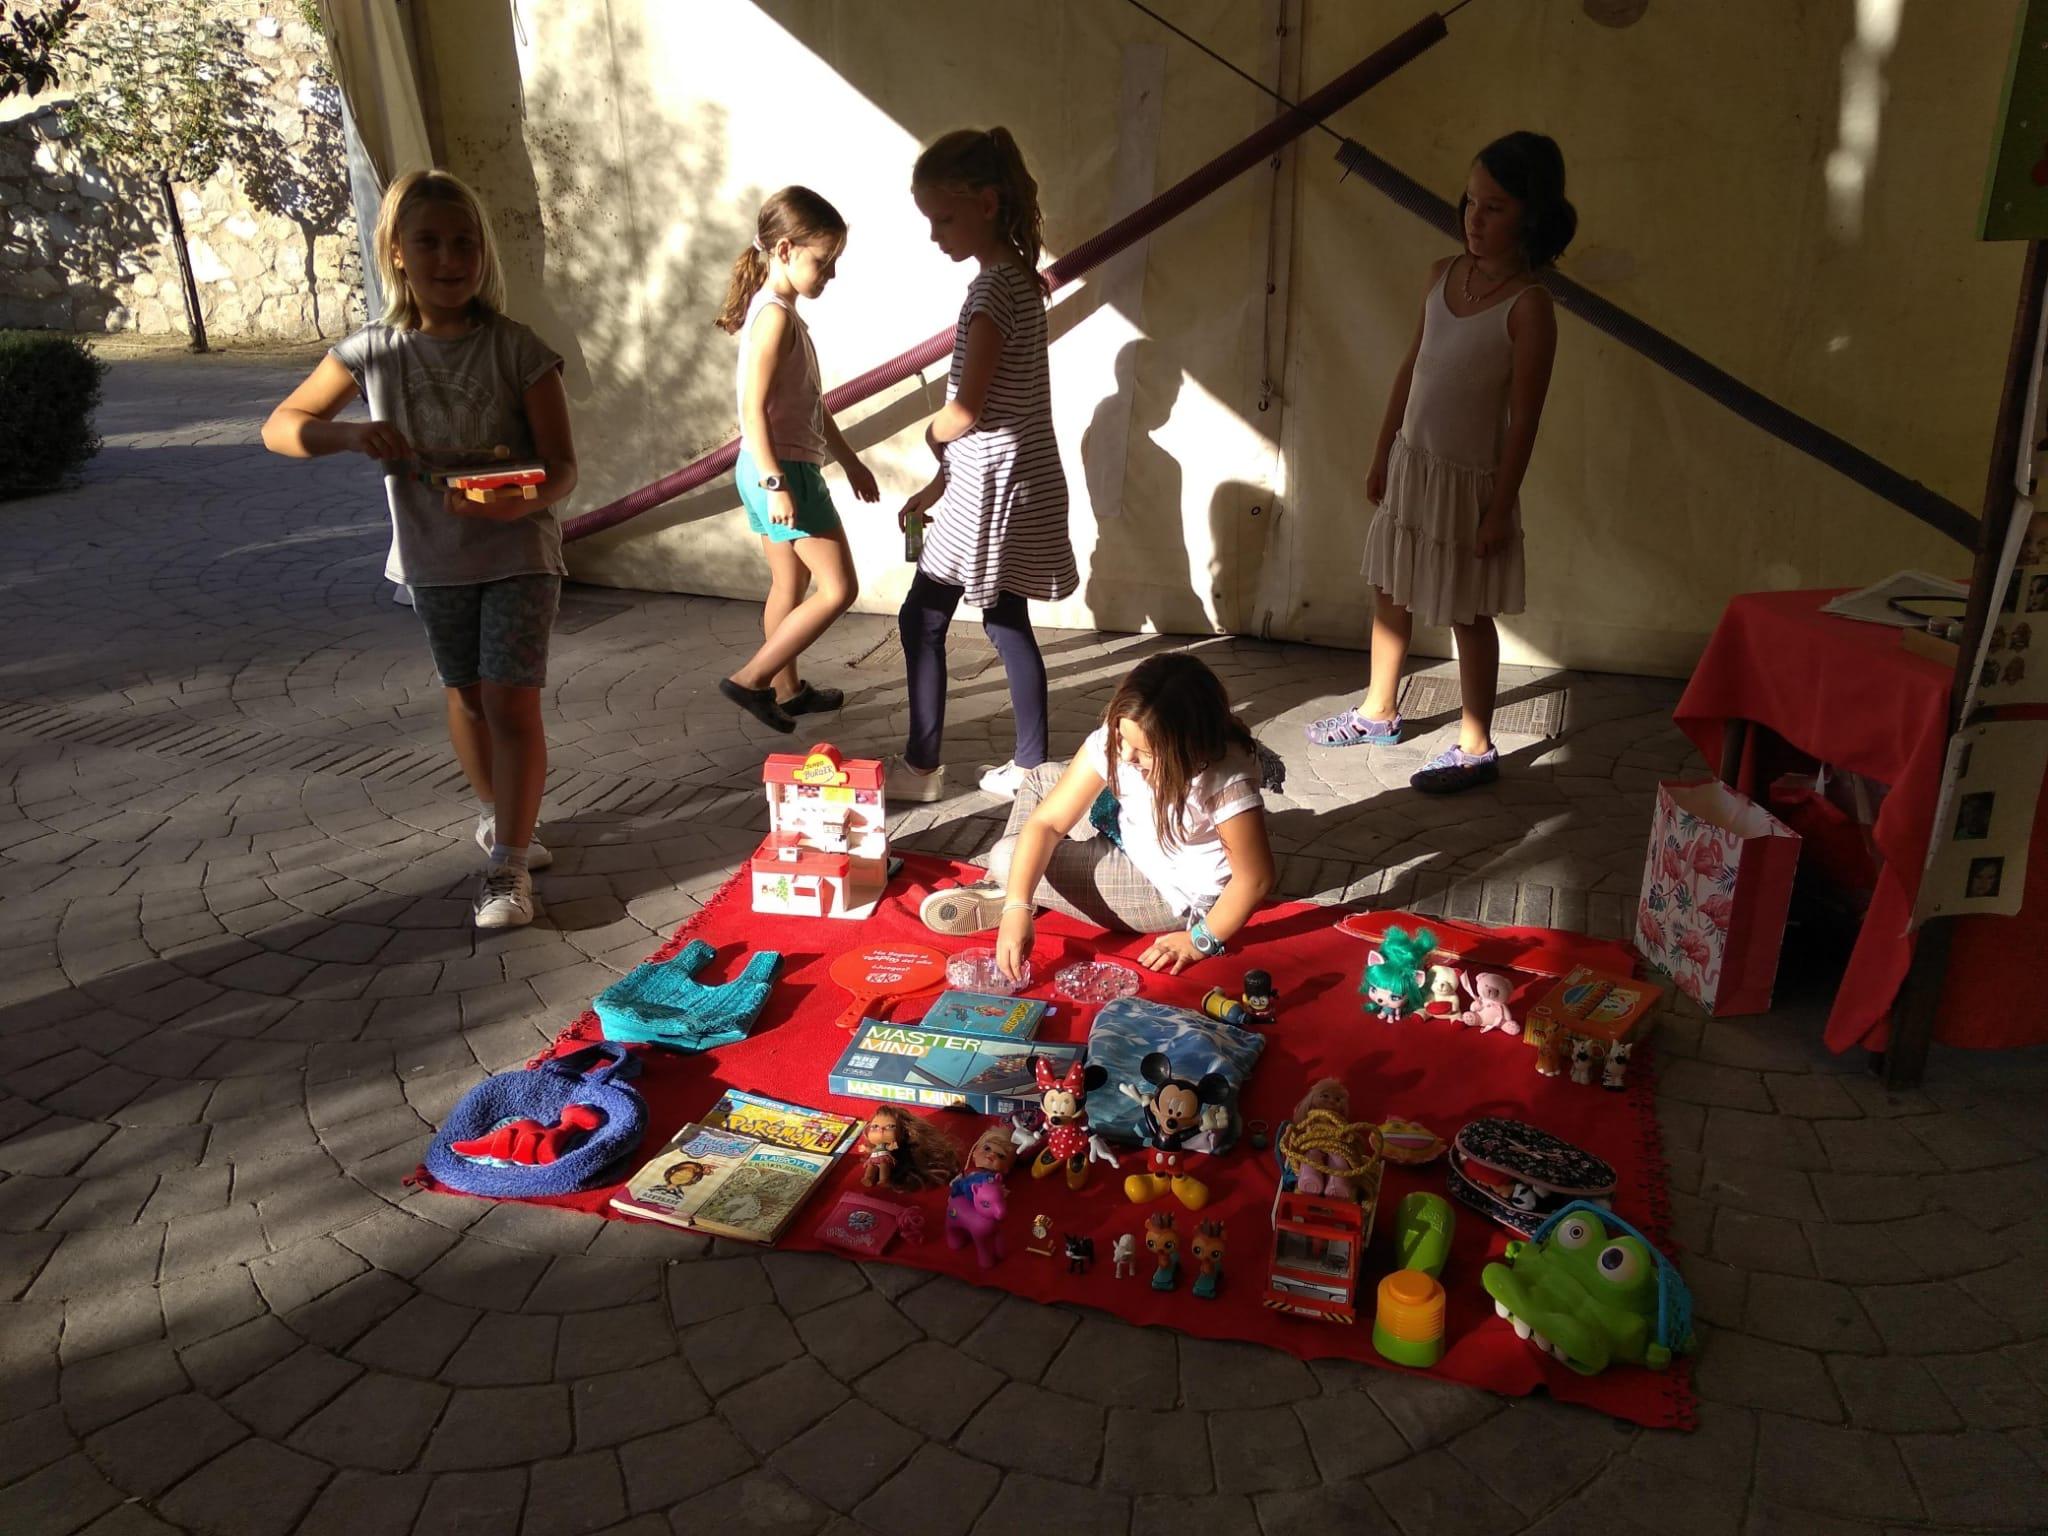 Escolares del colegio Miraflores de Monachil organizan un rastro infantil para recaudar dinero para su fiesta de fin de curso